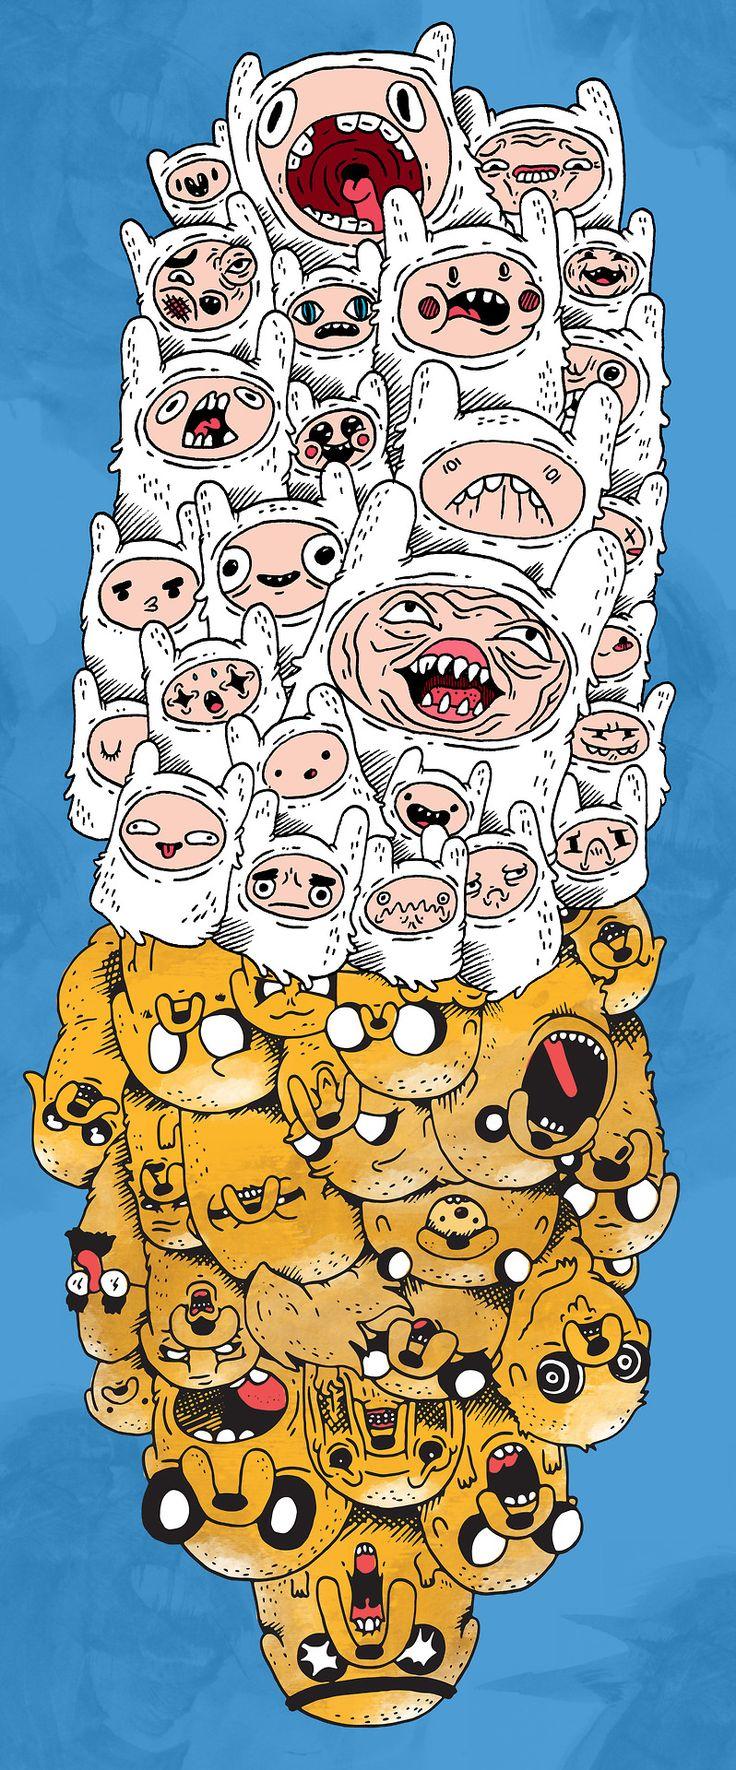 Dibujo Animado:Hora de Aventura Personajes:Finn el humano_Jake